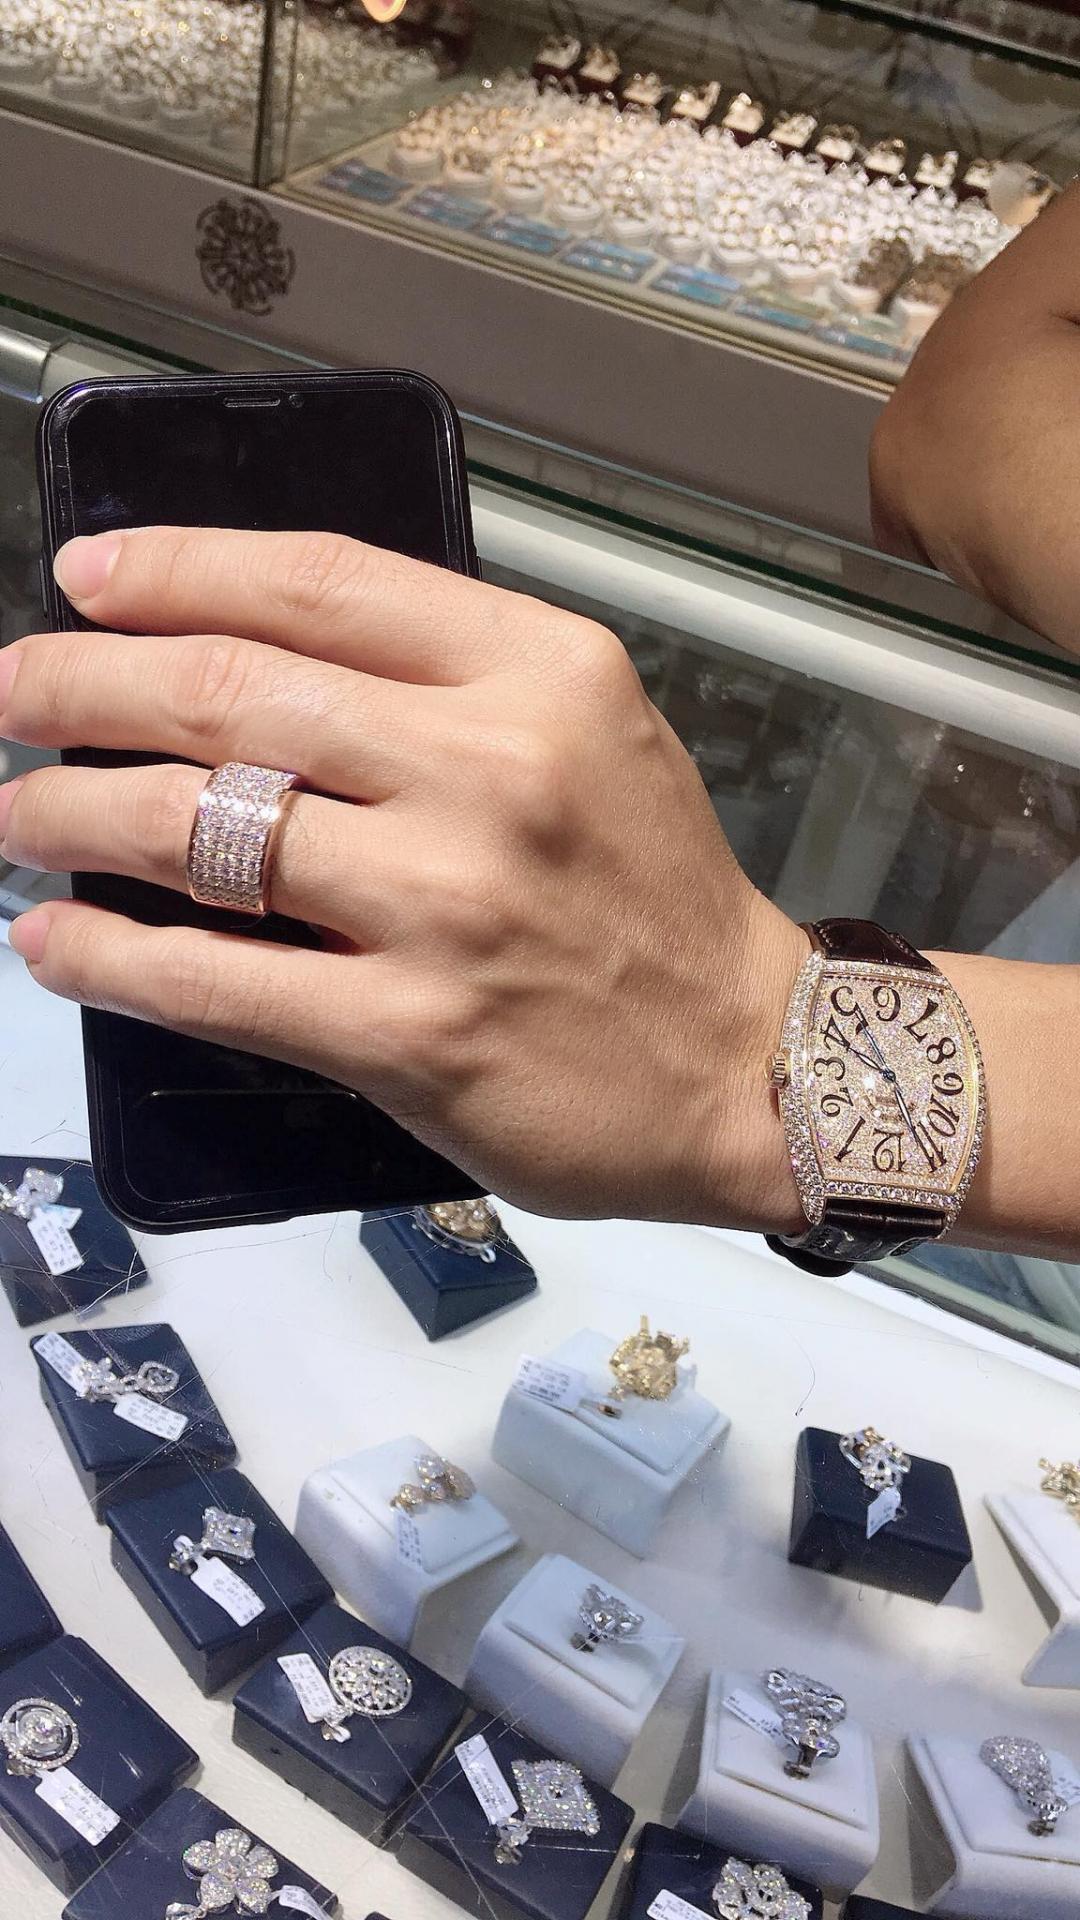 Ngón tay đeo nhẫn tiết lộ số tiền trong ví đàn ông